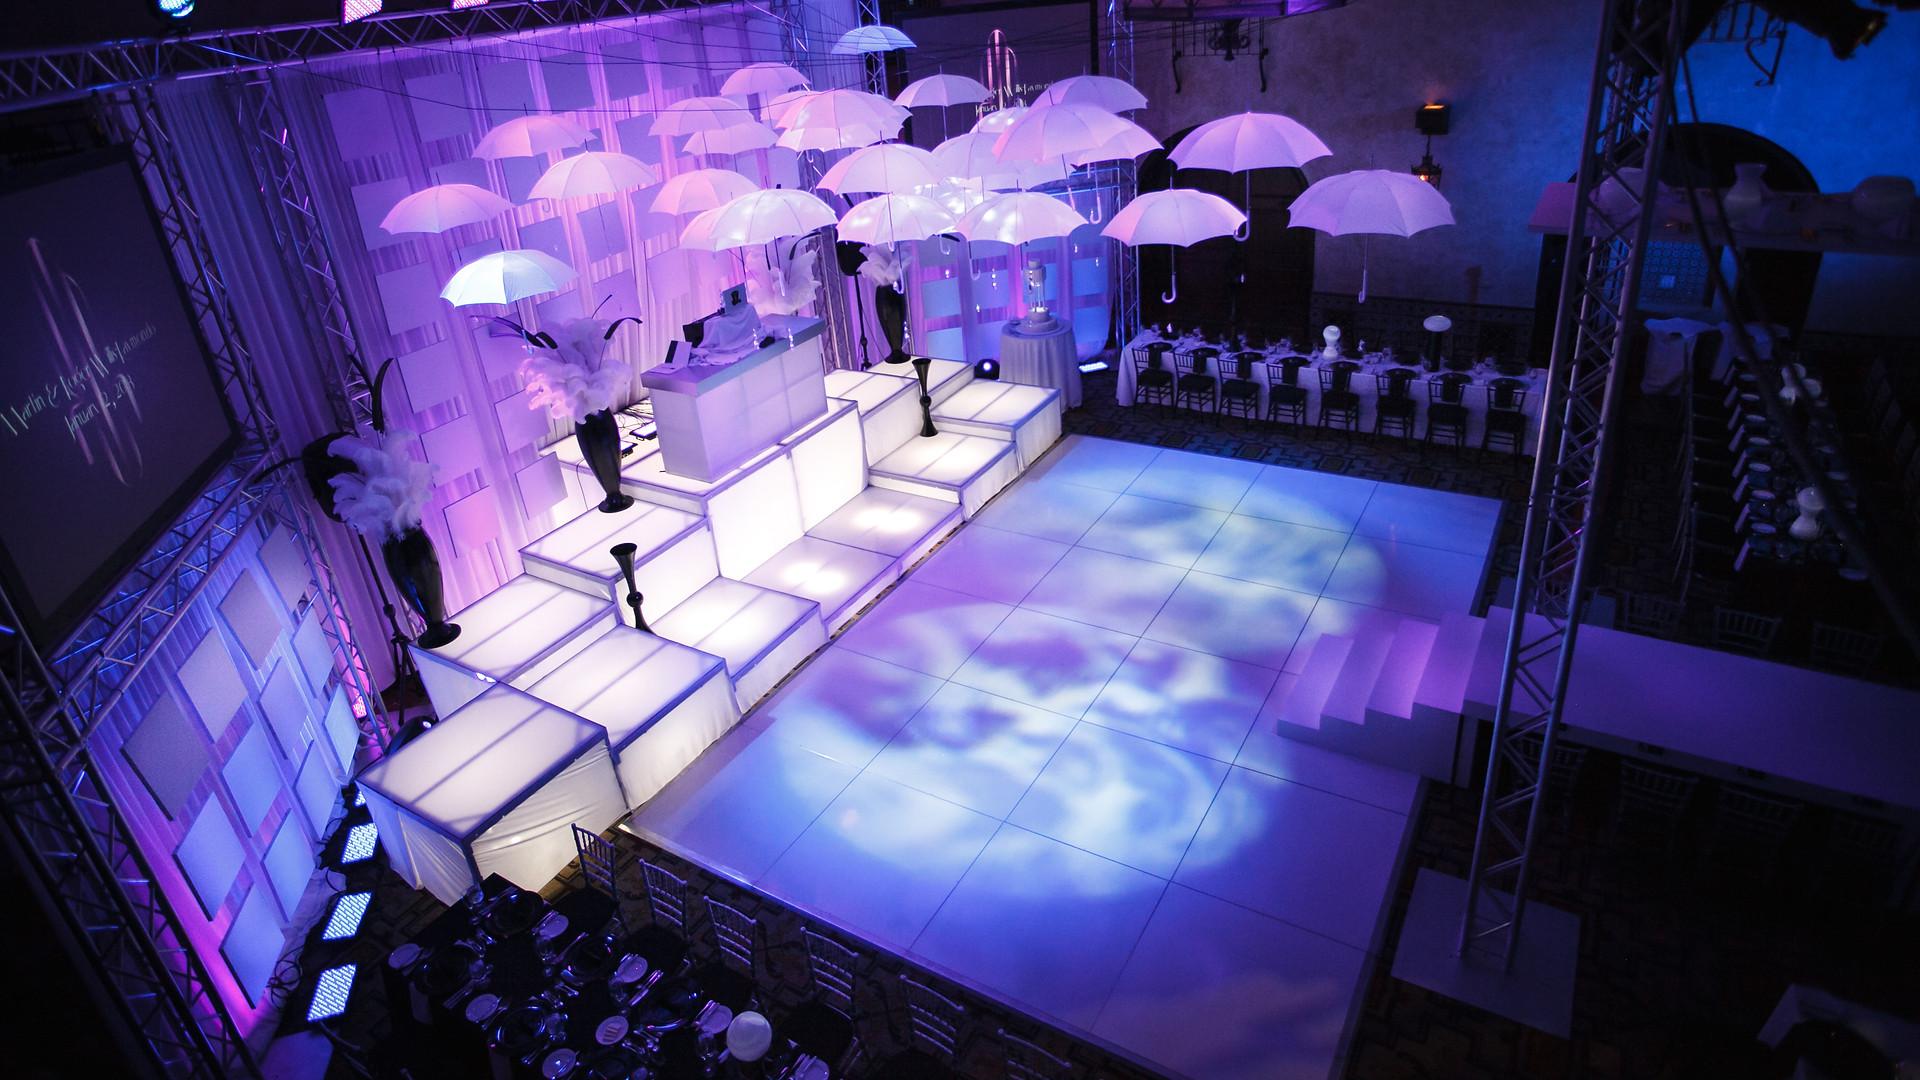 Dance Floor & Stage Set